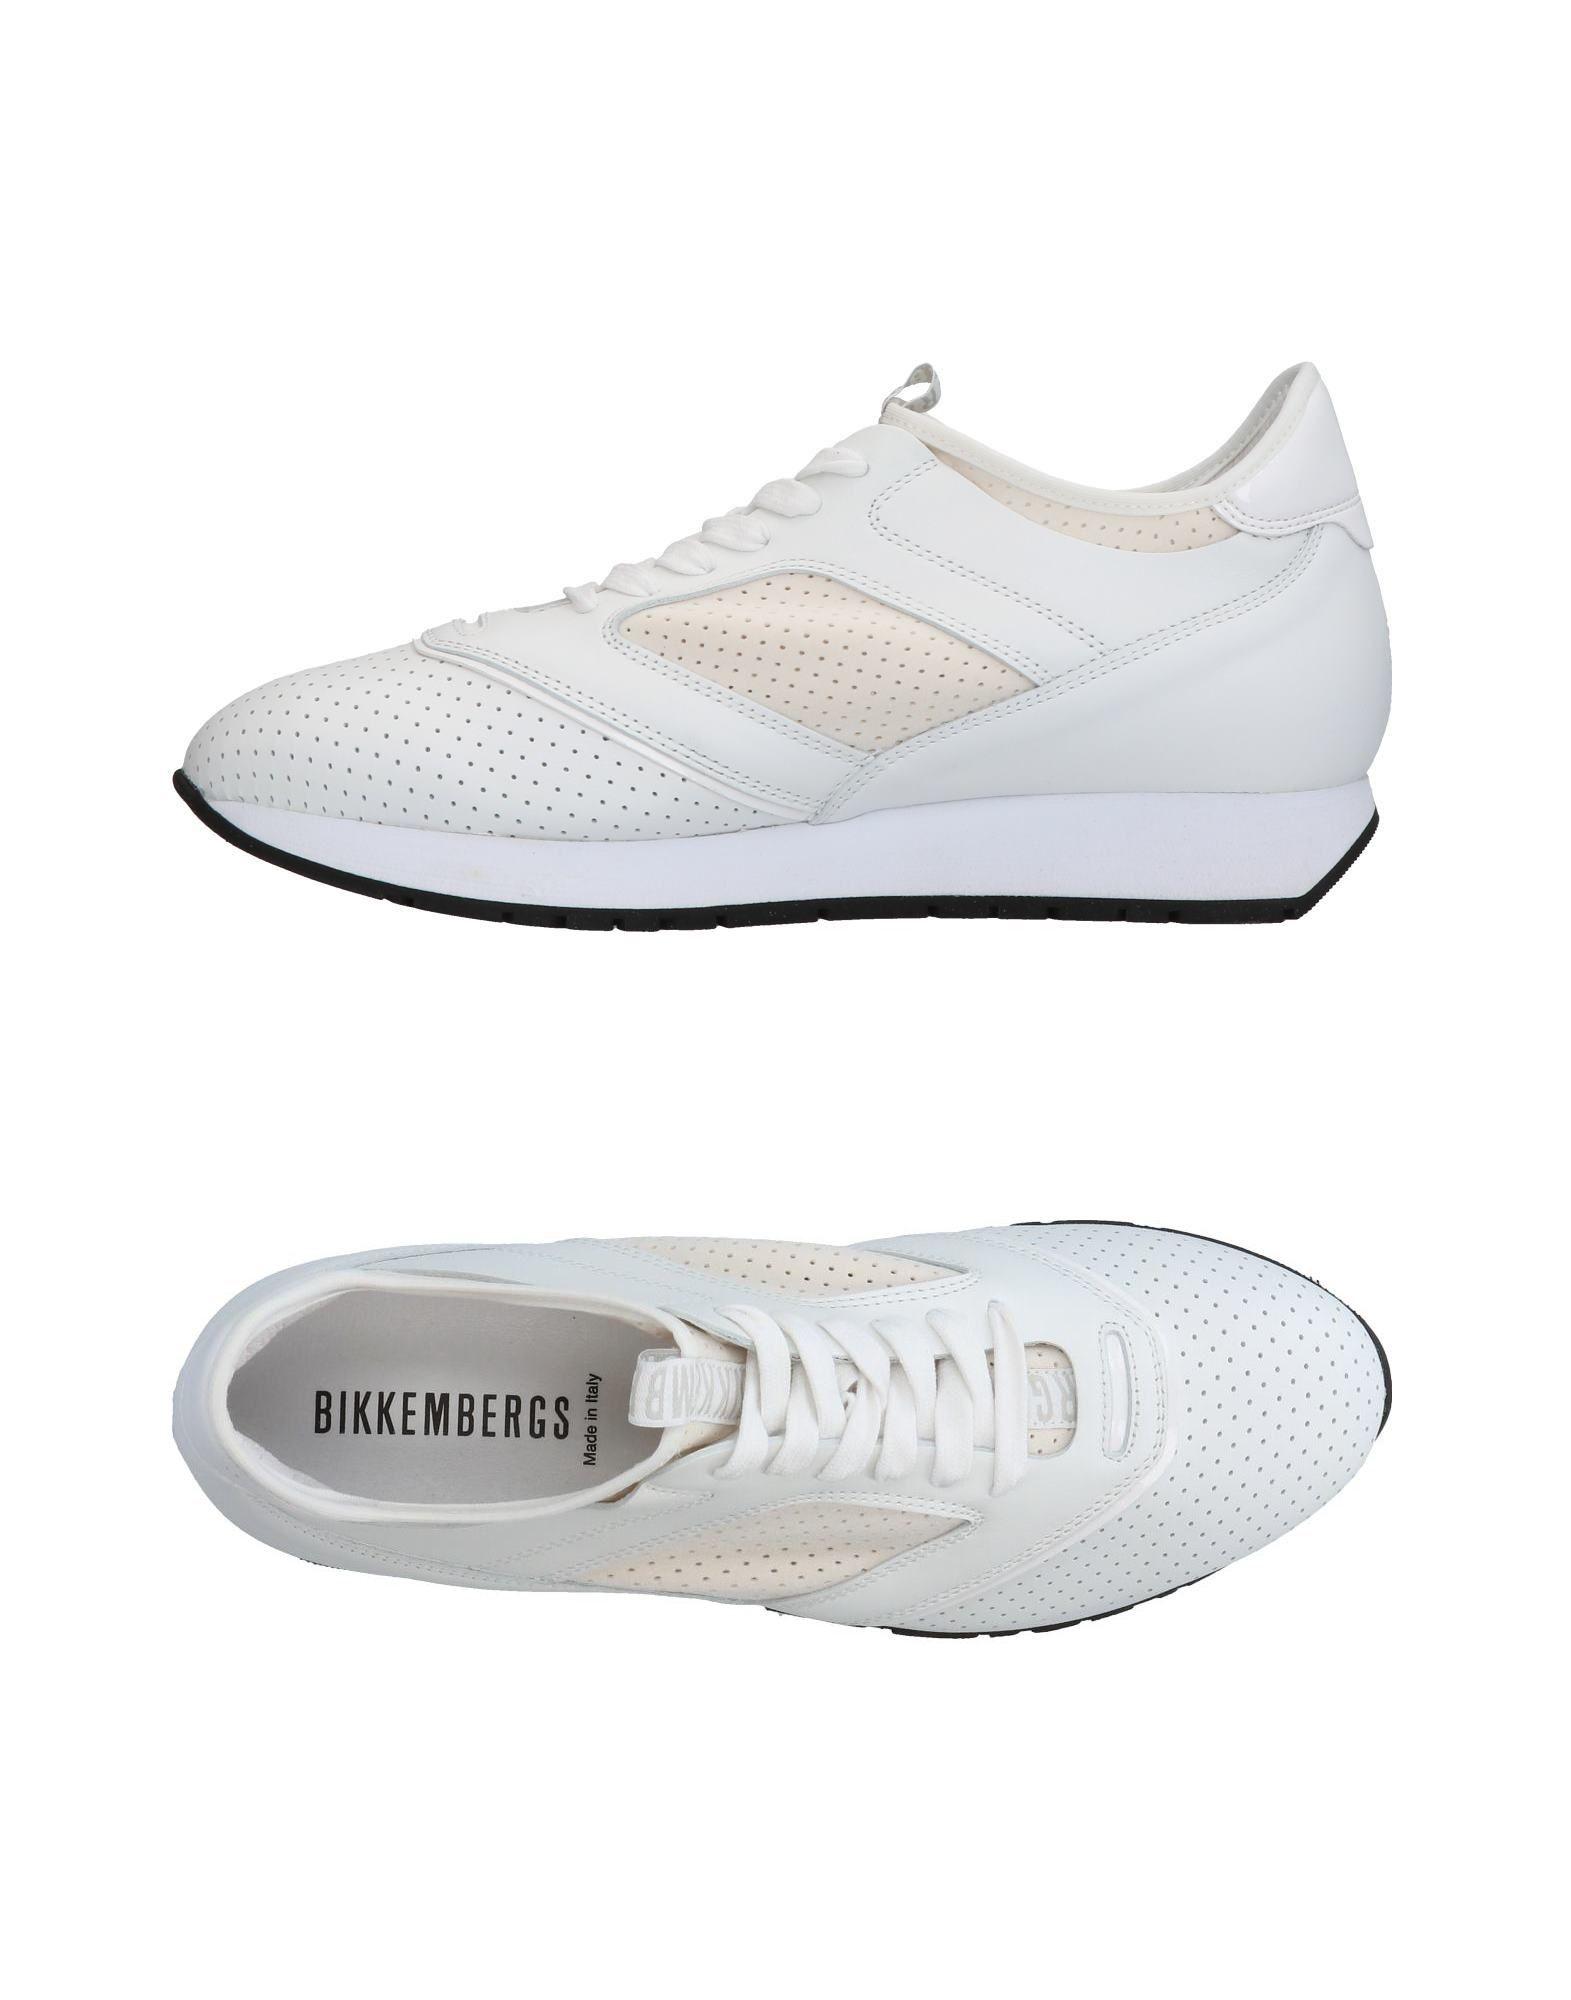 Scarpe Sneakers economiche e resistenti Sneakers Scarpe Bikkembergs Uomo - 11326261LR 5a7aa4